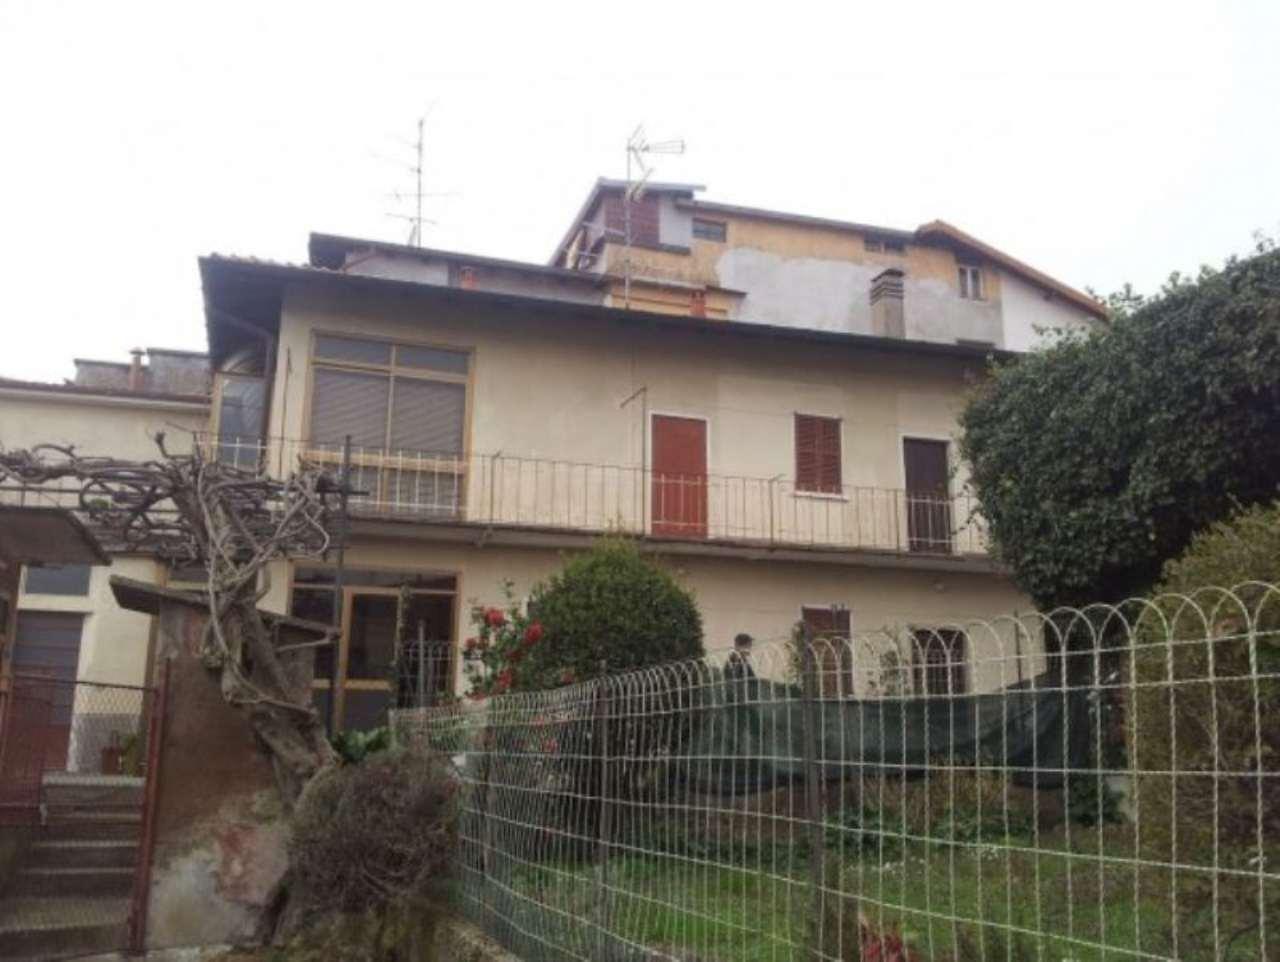 Soluzione Indipendente in vendita a Carnago, 6 locali, prezzo € 95.000 | Cambio Casa.it